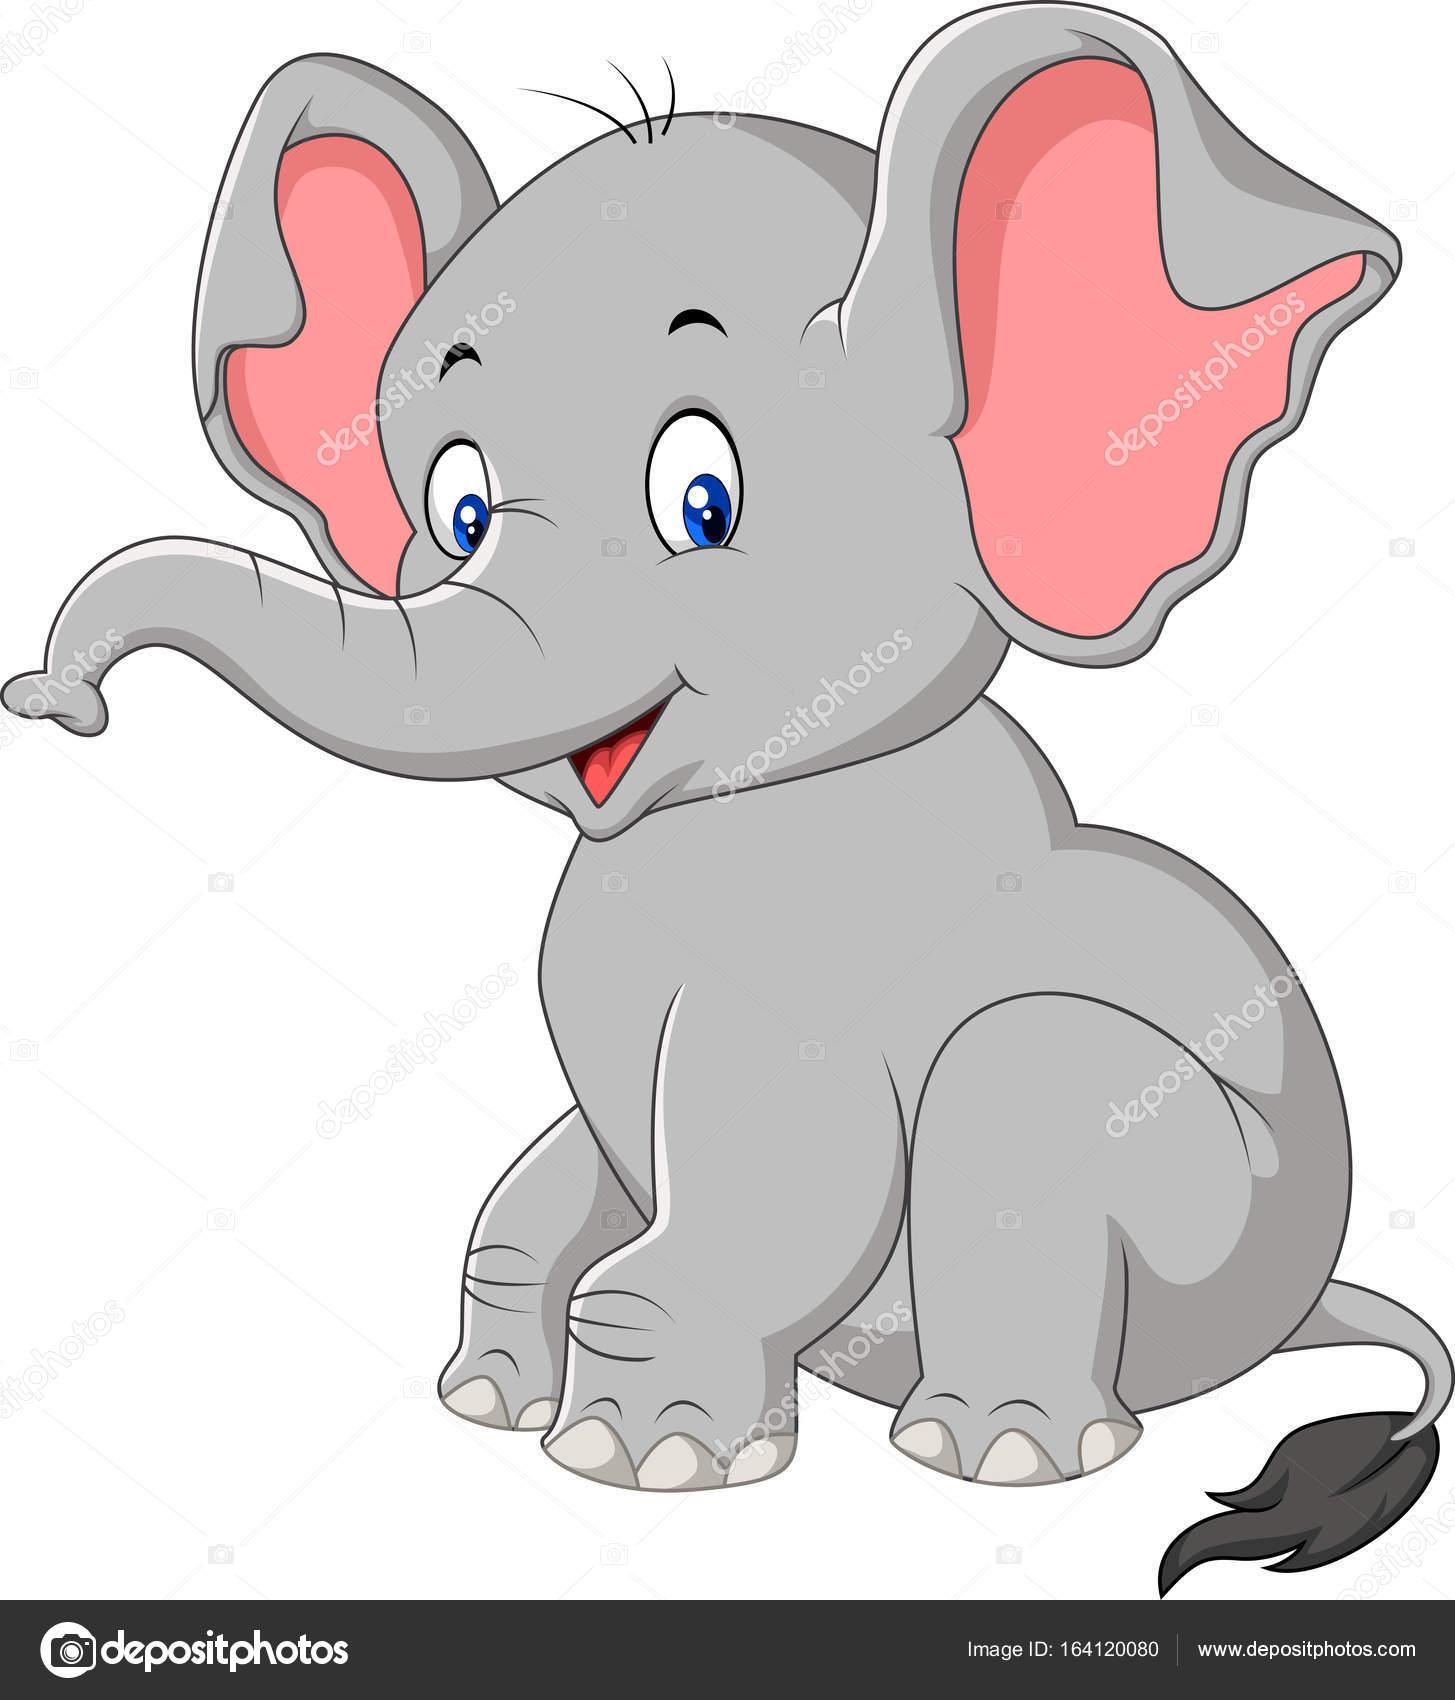 S ance de dessin anim mignon b b l phant image vectorielle tigatelu 164120080 - Dessins d elephants ...